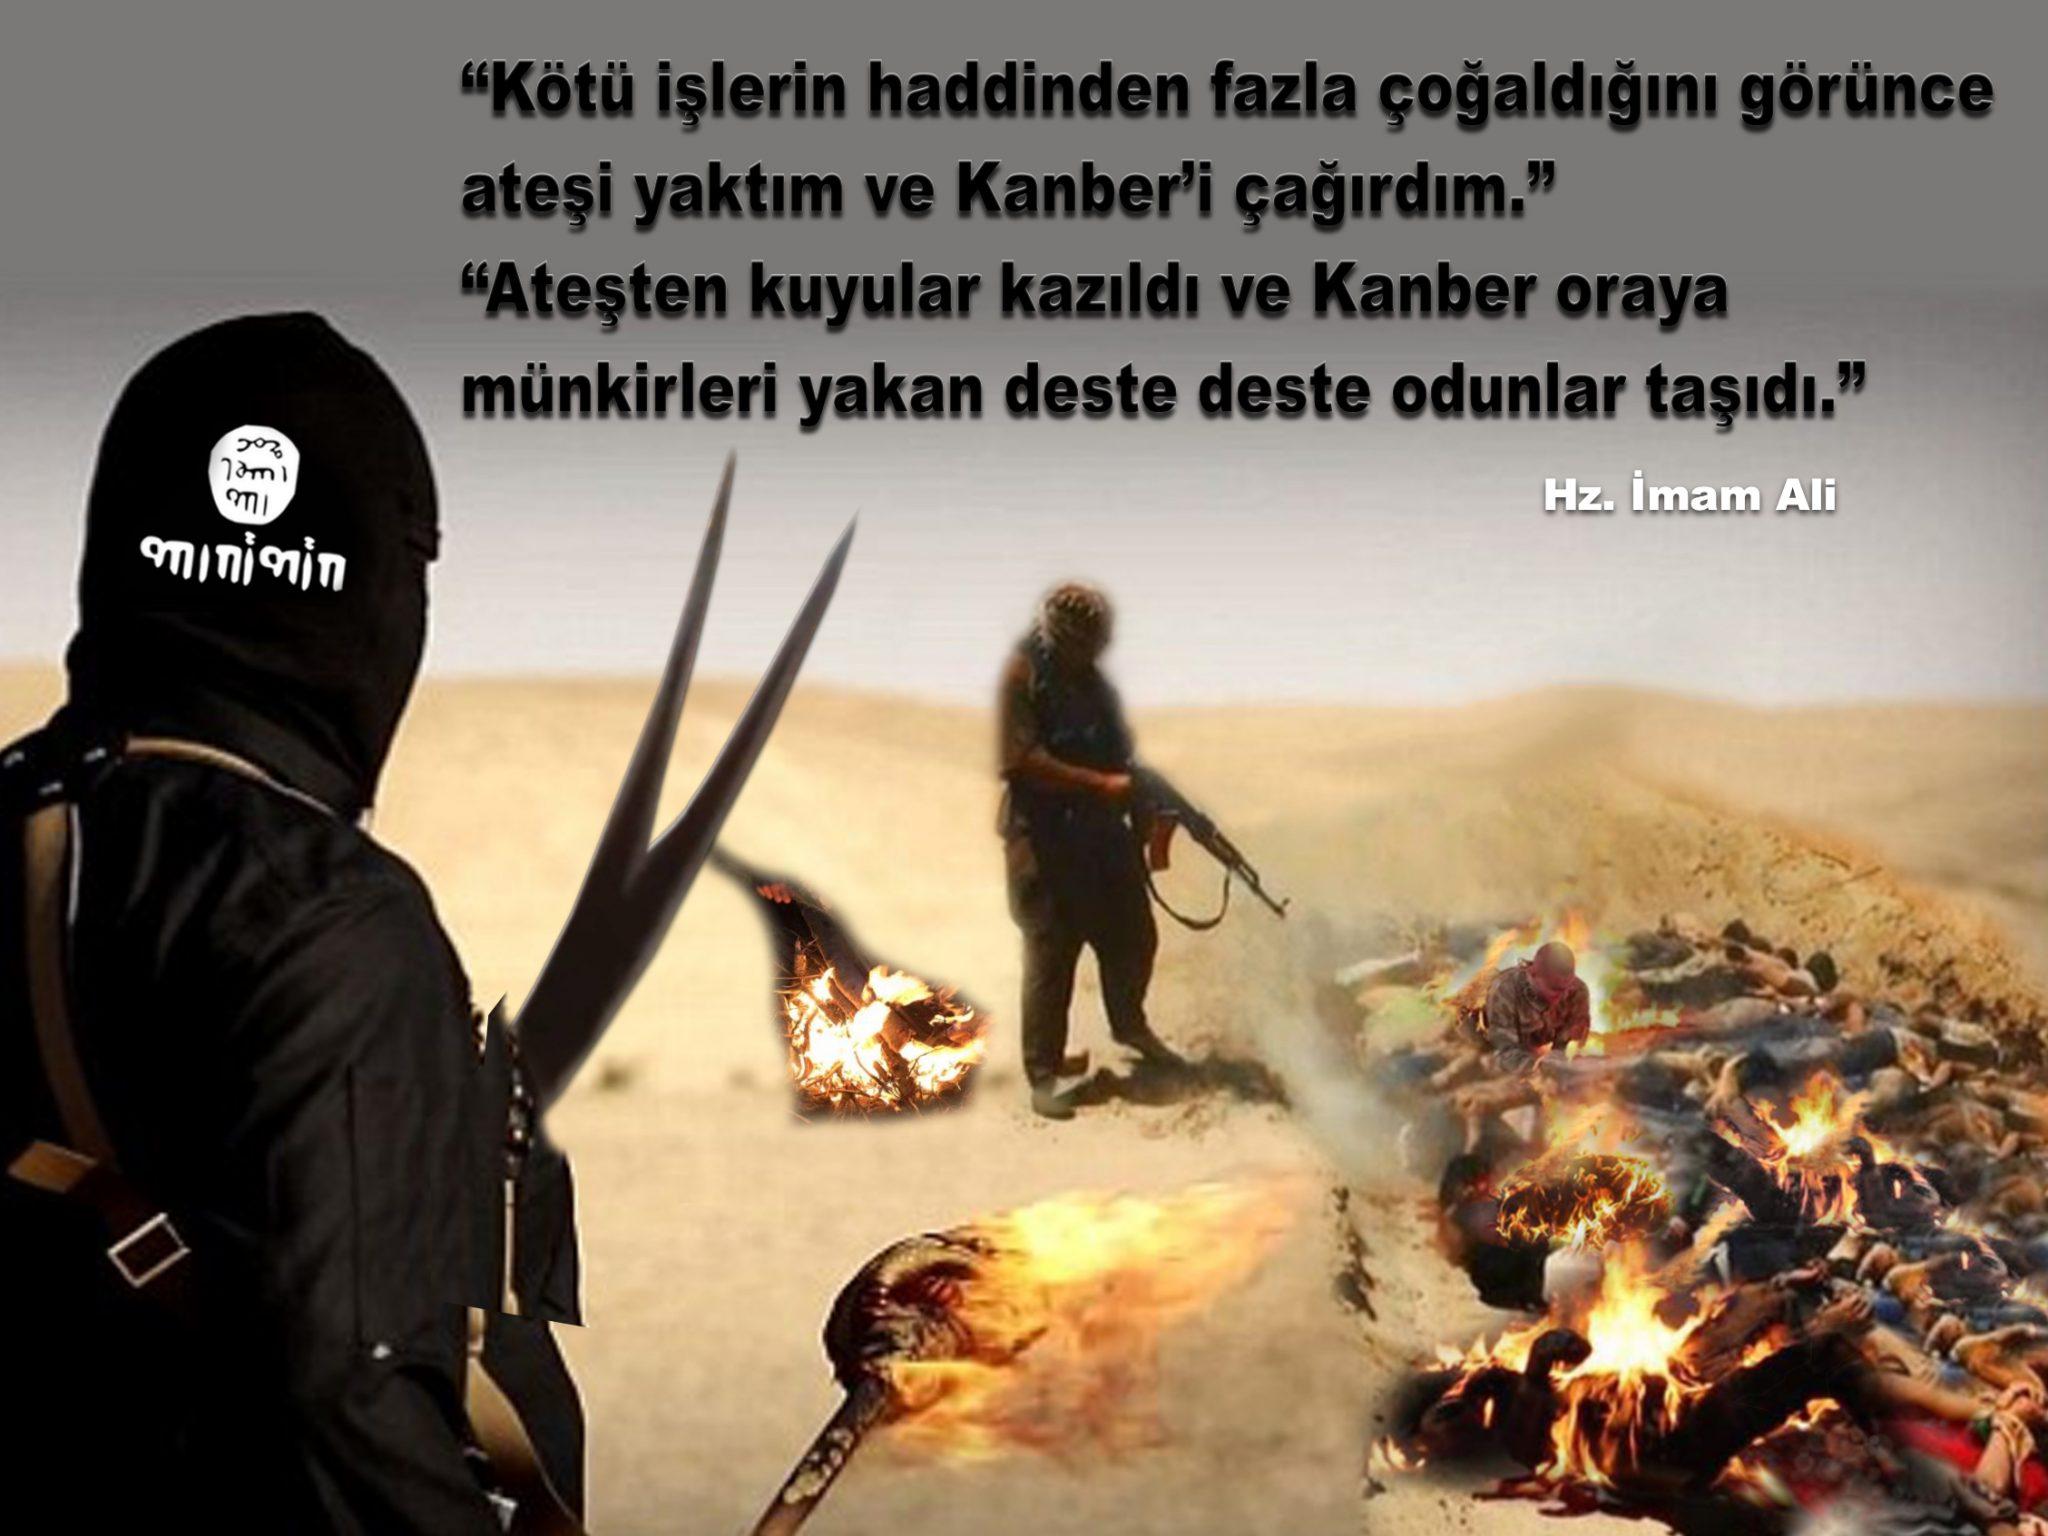 isid imam hz ali Alevi Ehlibet kizilbas bektasi alevilik Ali insan yaktı